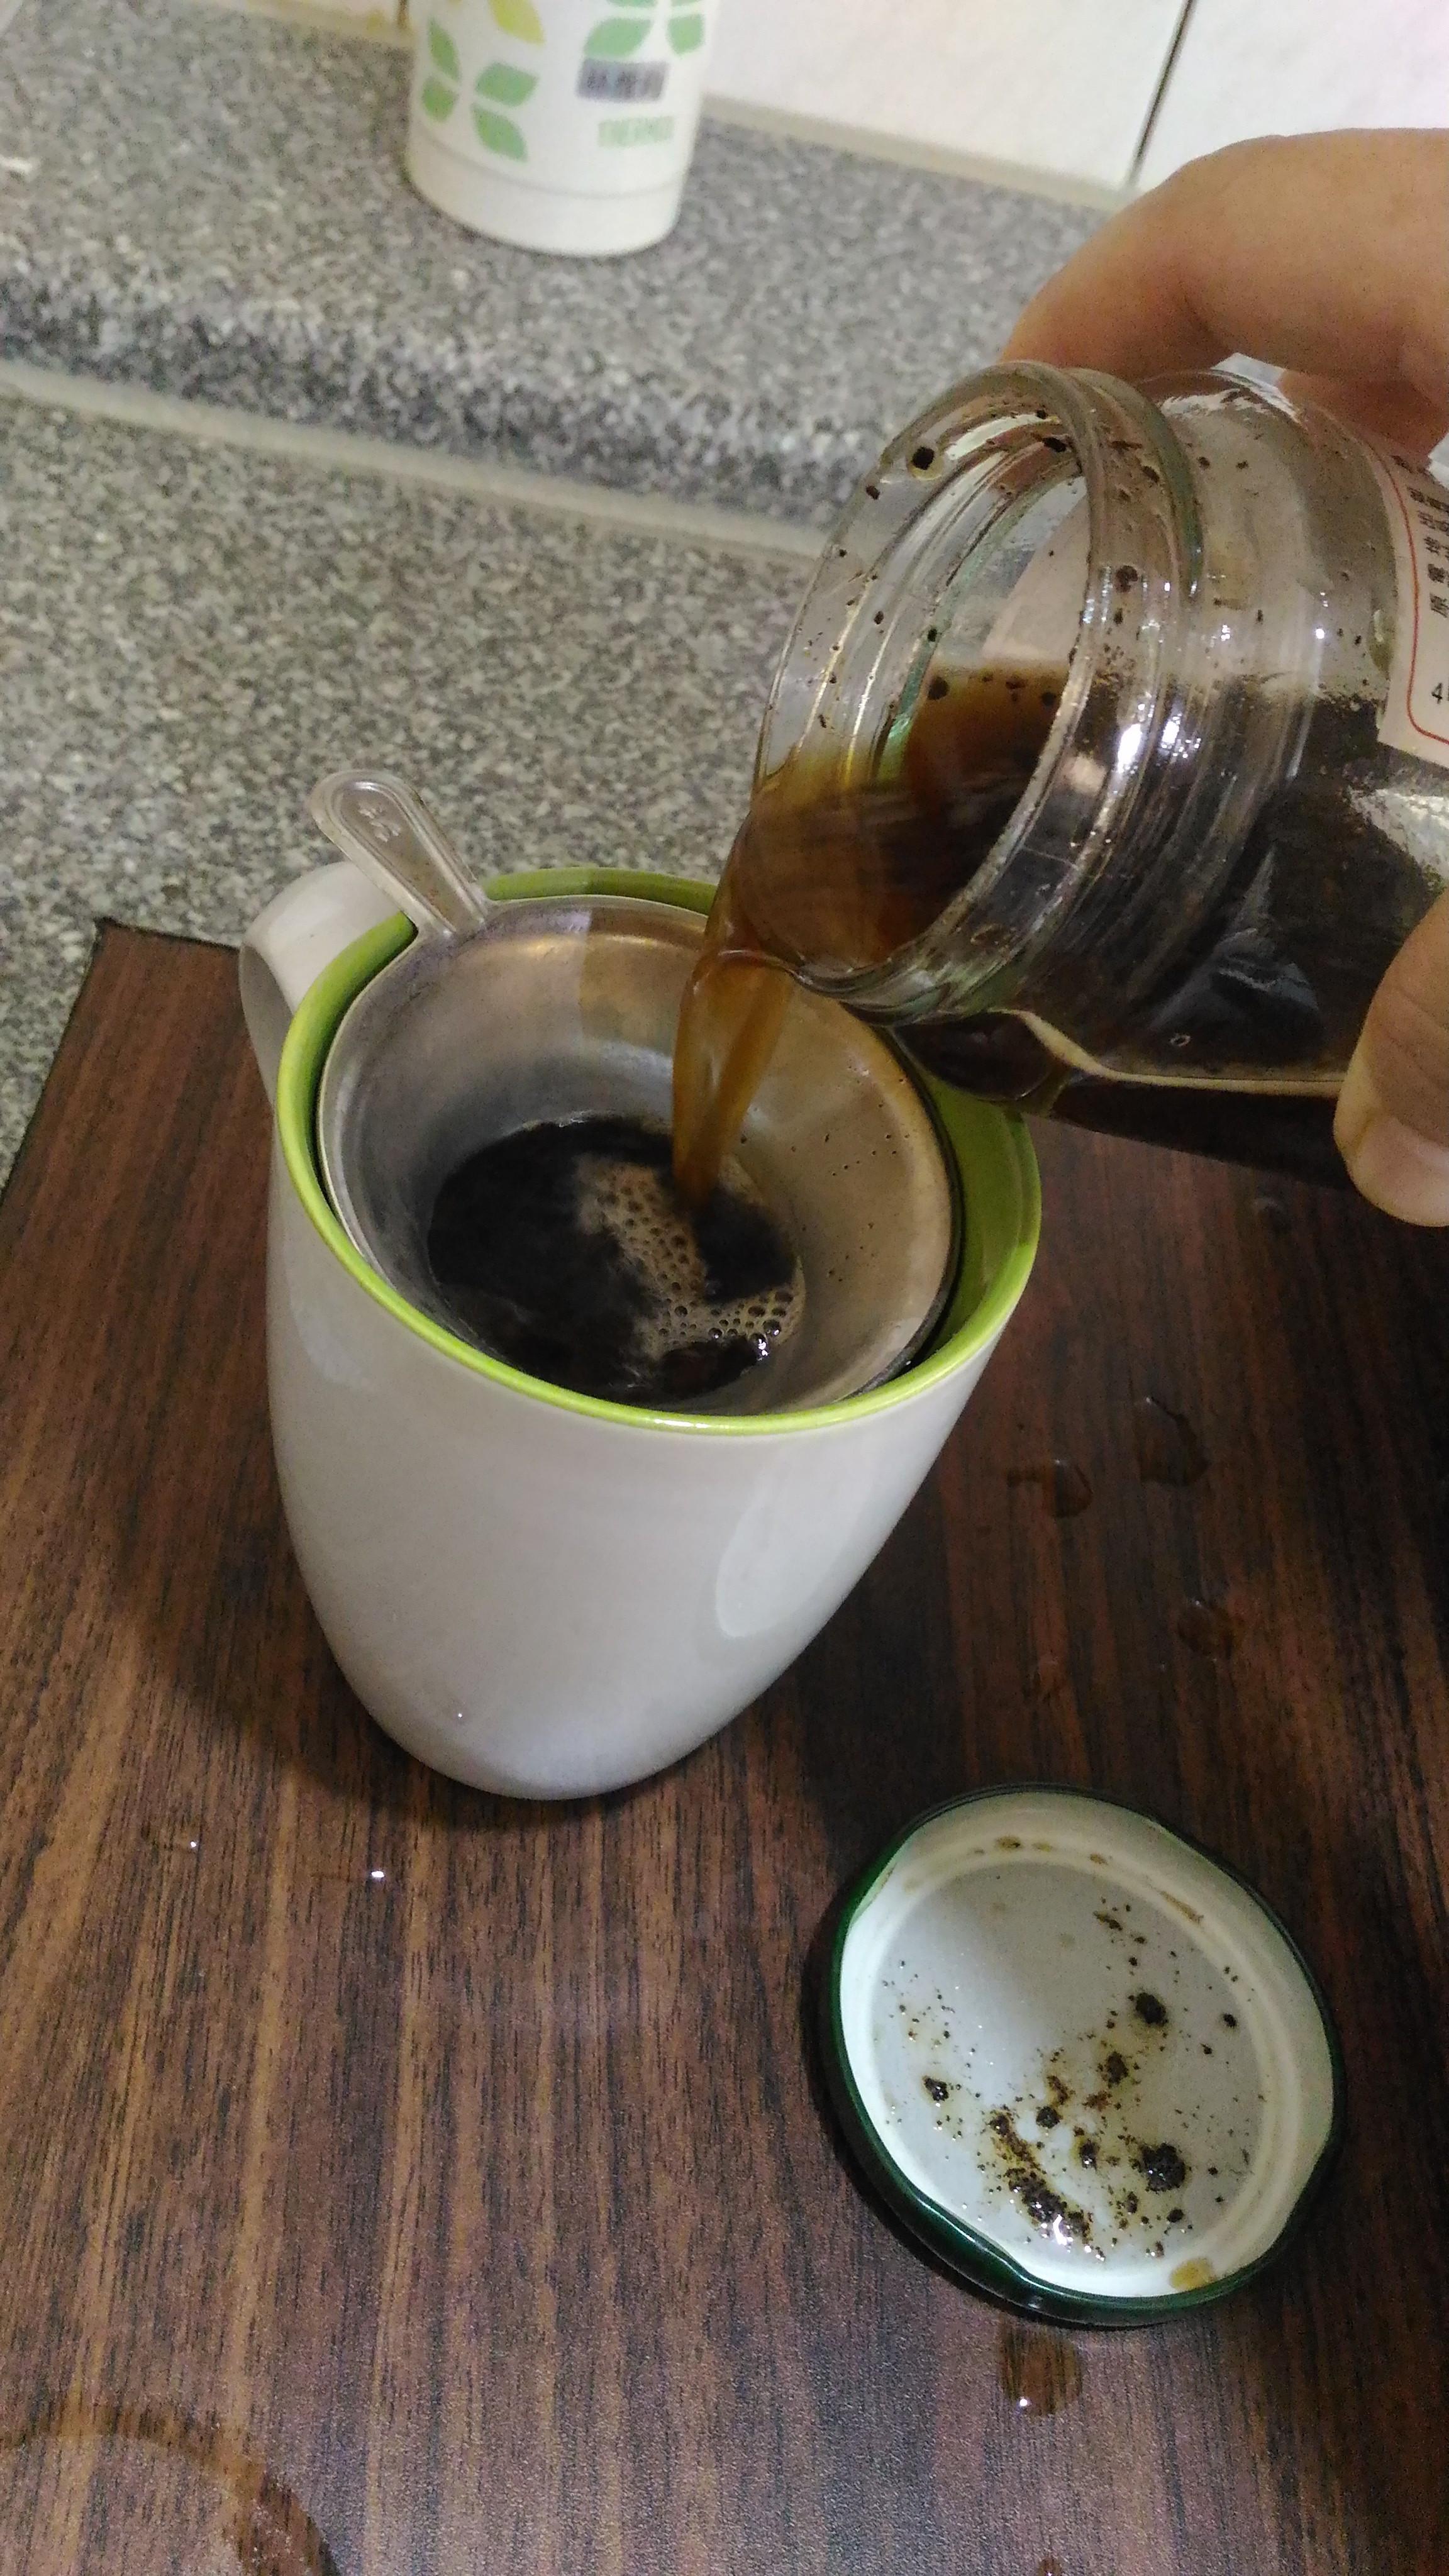 隨興咖啡沖泡法